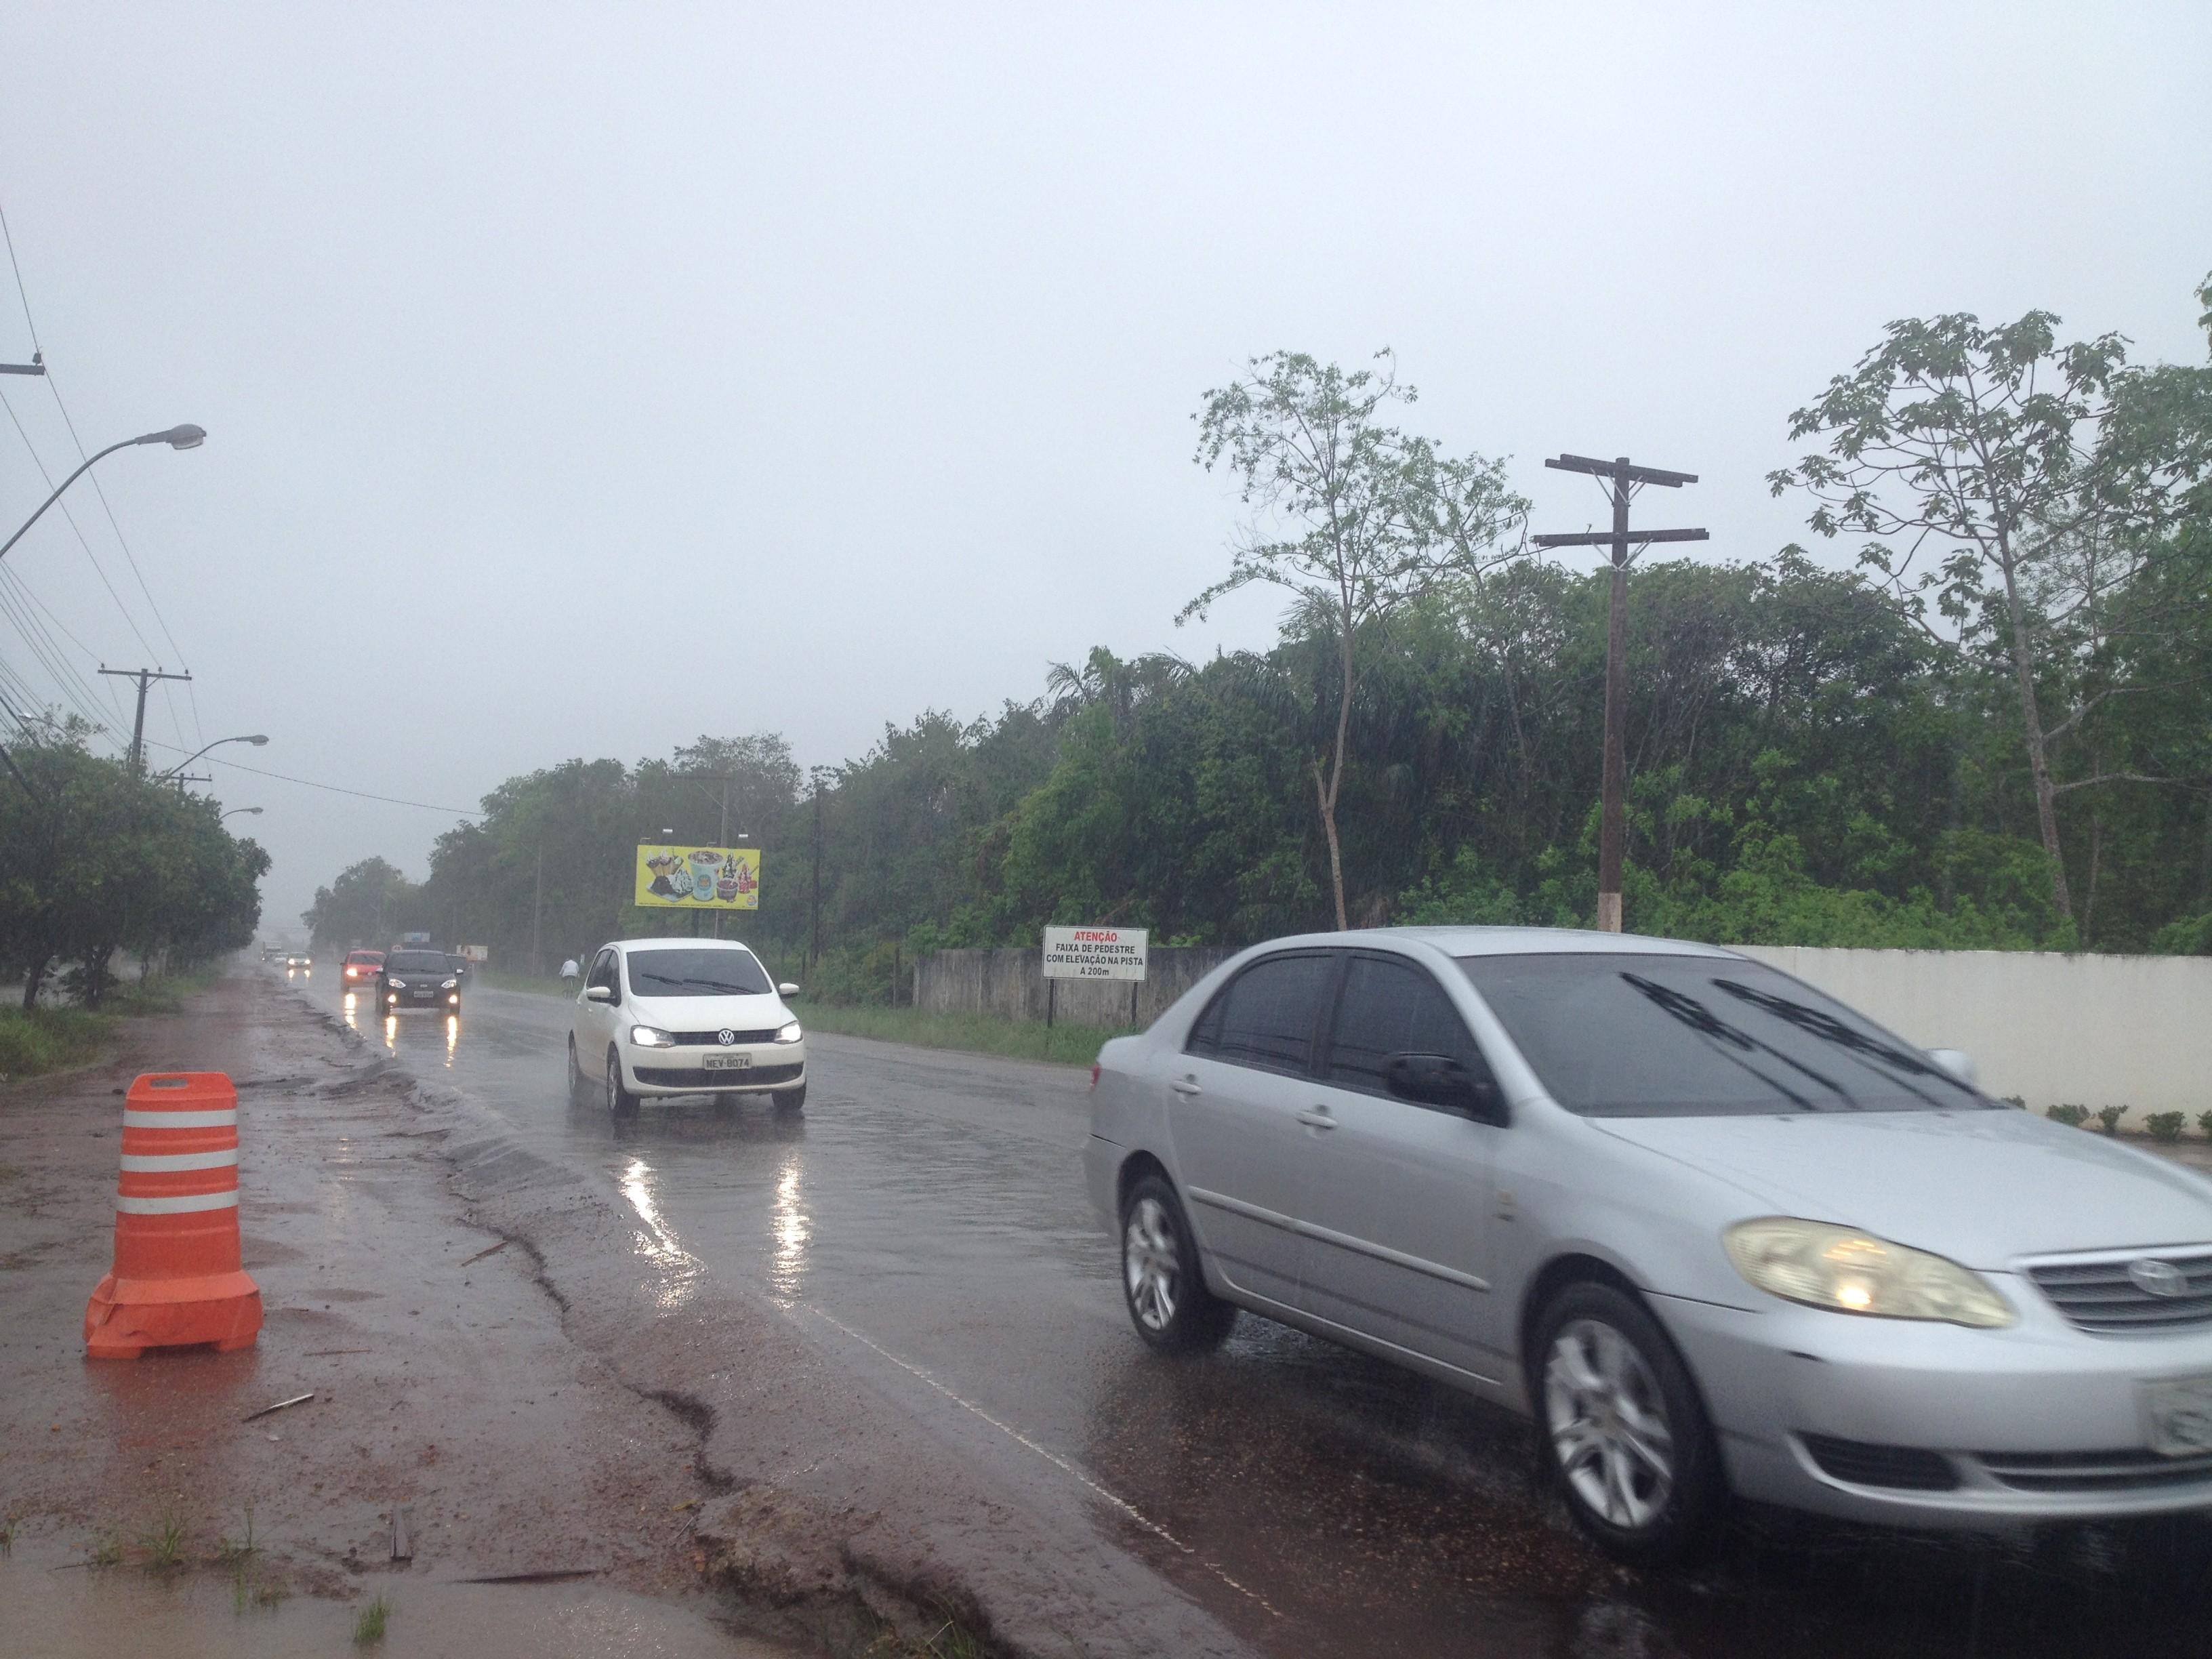 Meteorologia prevê chuvas intensas para quinta-feira, clima incomum em outubro no AP